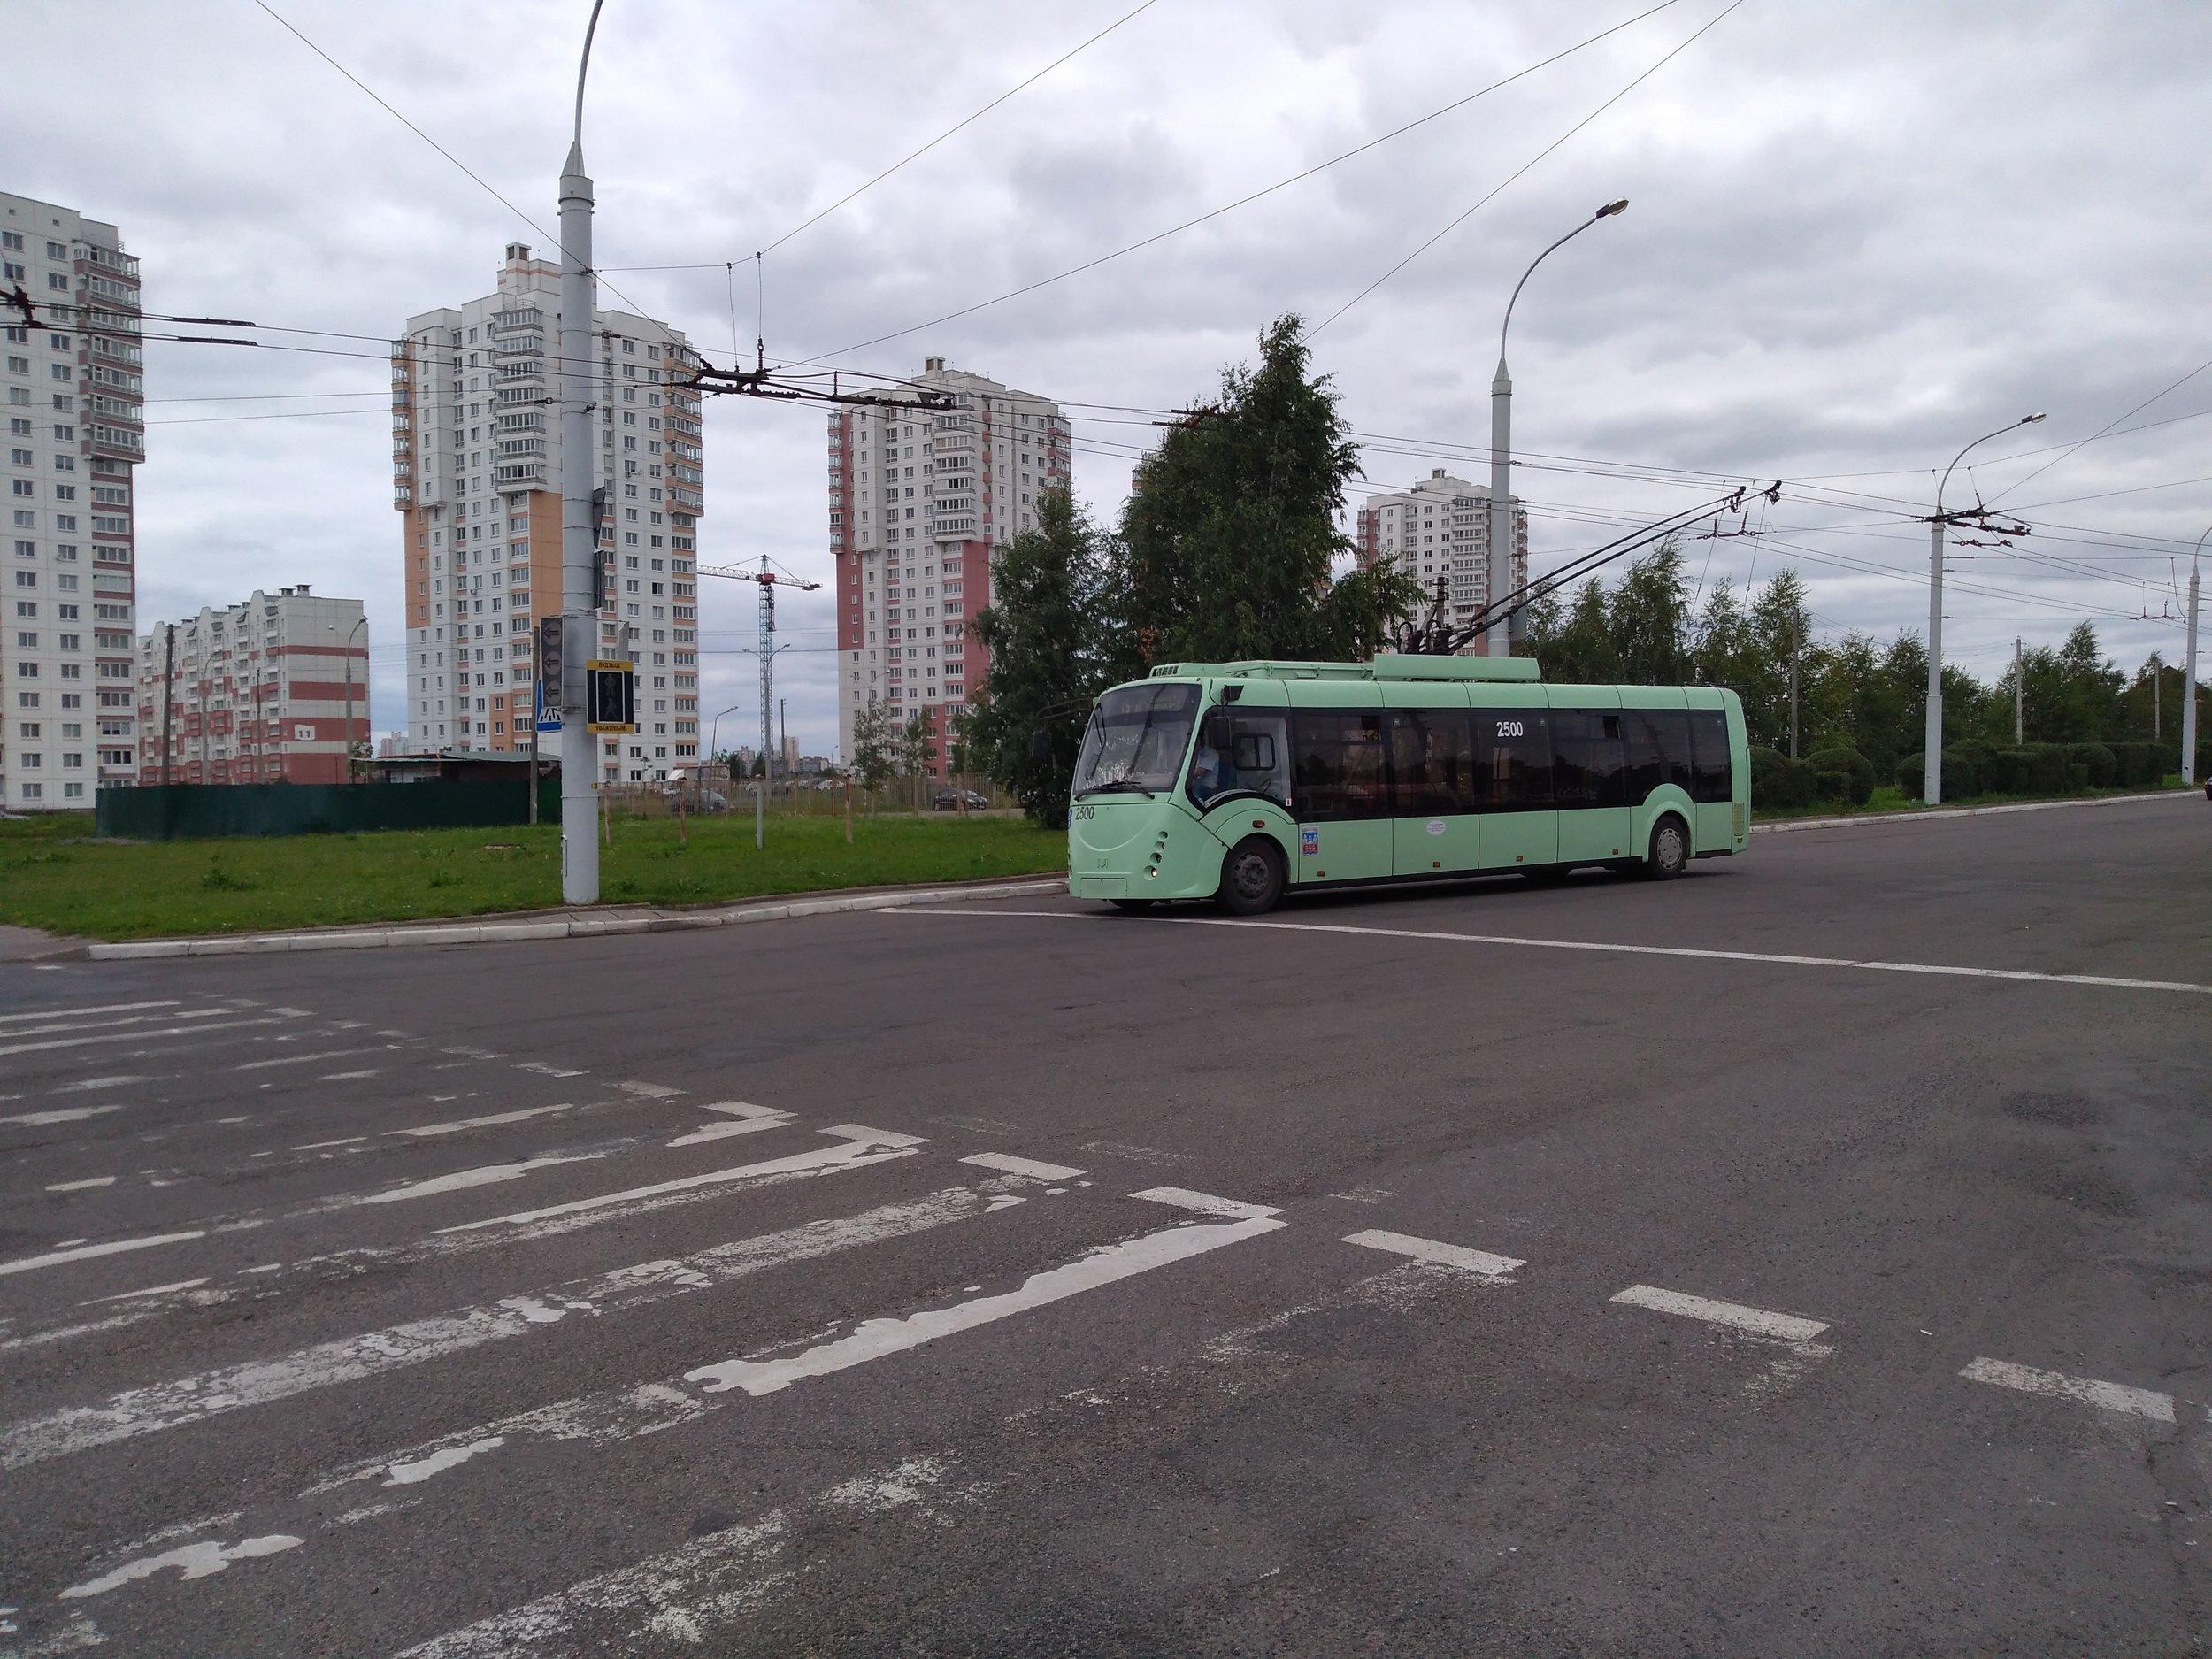 V této galerii se je možné podívat na vůz ev. č. 2500 typu AKSM-42003A «Vitovt». Tento typ byl Belkommunmašem sestrojen poprvé roku 2007 a na snímku vidíme první sériové vozidlo z roku 2008. Minsk si pořídil těchto dvoudveřových trolejbusů, které uvedly tzv. čtvrtou generaci vozidel běloruského výrobce, jen 6 (včetně prototypu). Trolejbus, přestože byl prezentován až v kolumbijském Medellínu, se nesetkal s velkým ohlasem, další kus provozuje Kaliningrad a ještě jeden pak provozoval už jen ruský Kovrov, který jej převzal od bulharského Plovdivu. Podobná verze s označením AKSM-420030 se dočkala čtyř provozovatelů, a sice Bělgorodu, Tuly, Tiraspolu a Kaliningradu. Těm všem bylo dohromady dodáno 43 vozů.